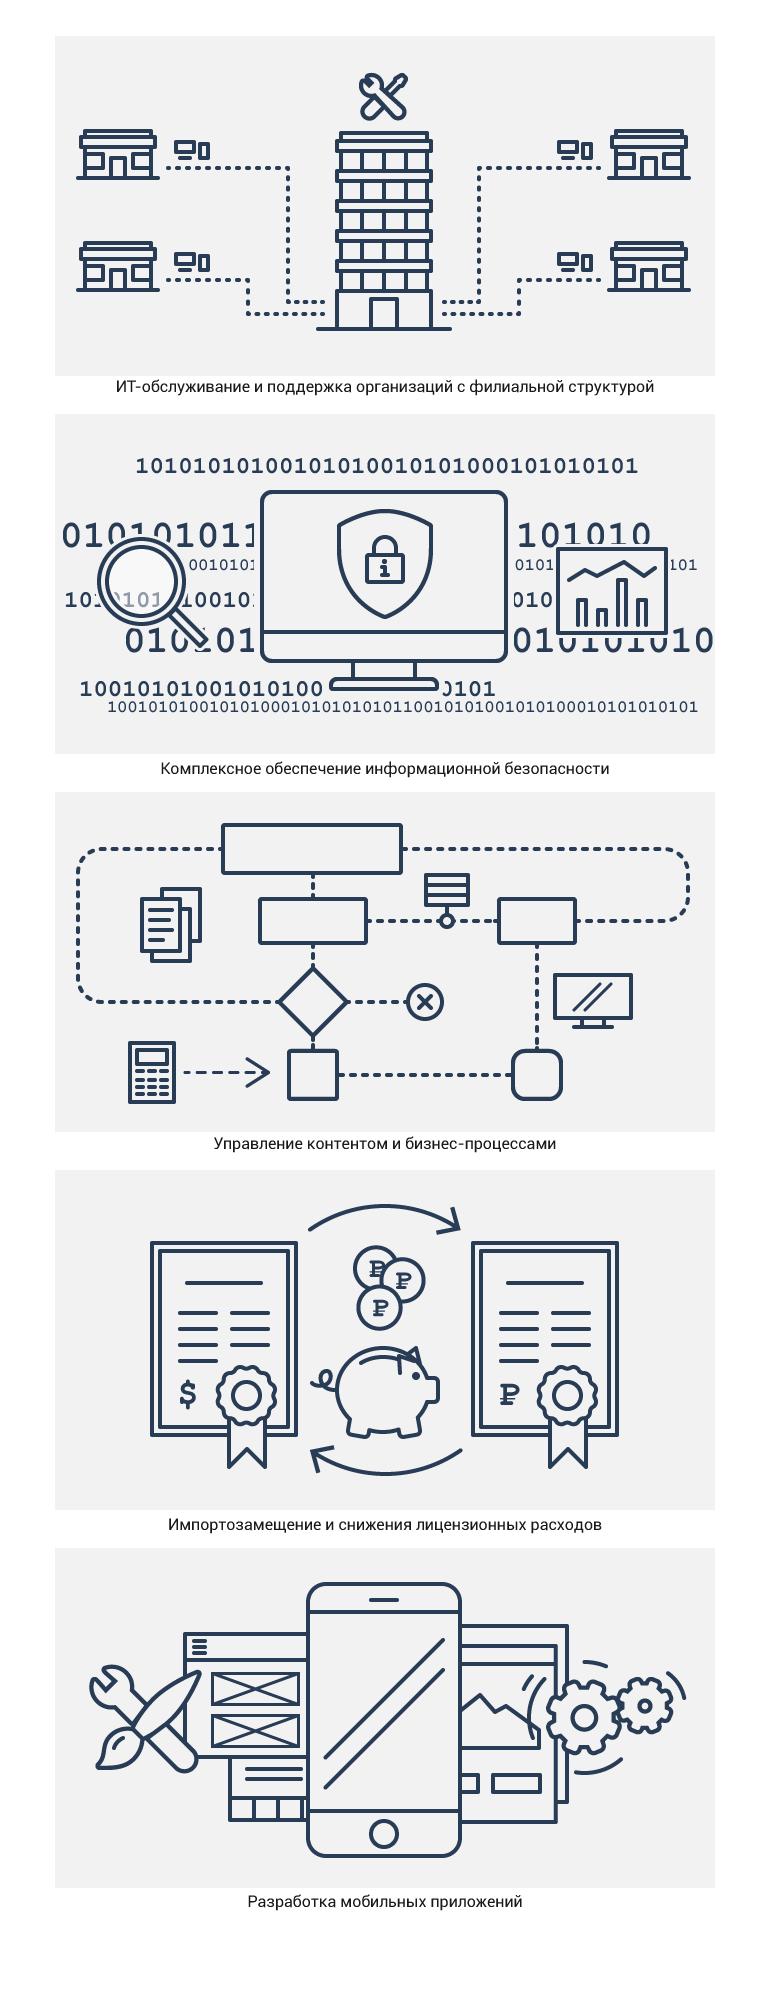 AST (иконки, иллюстрации, дизайн сайта)